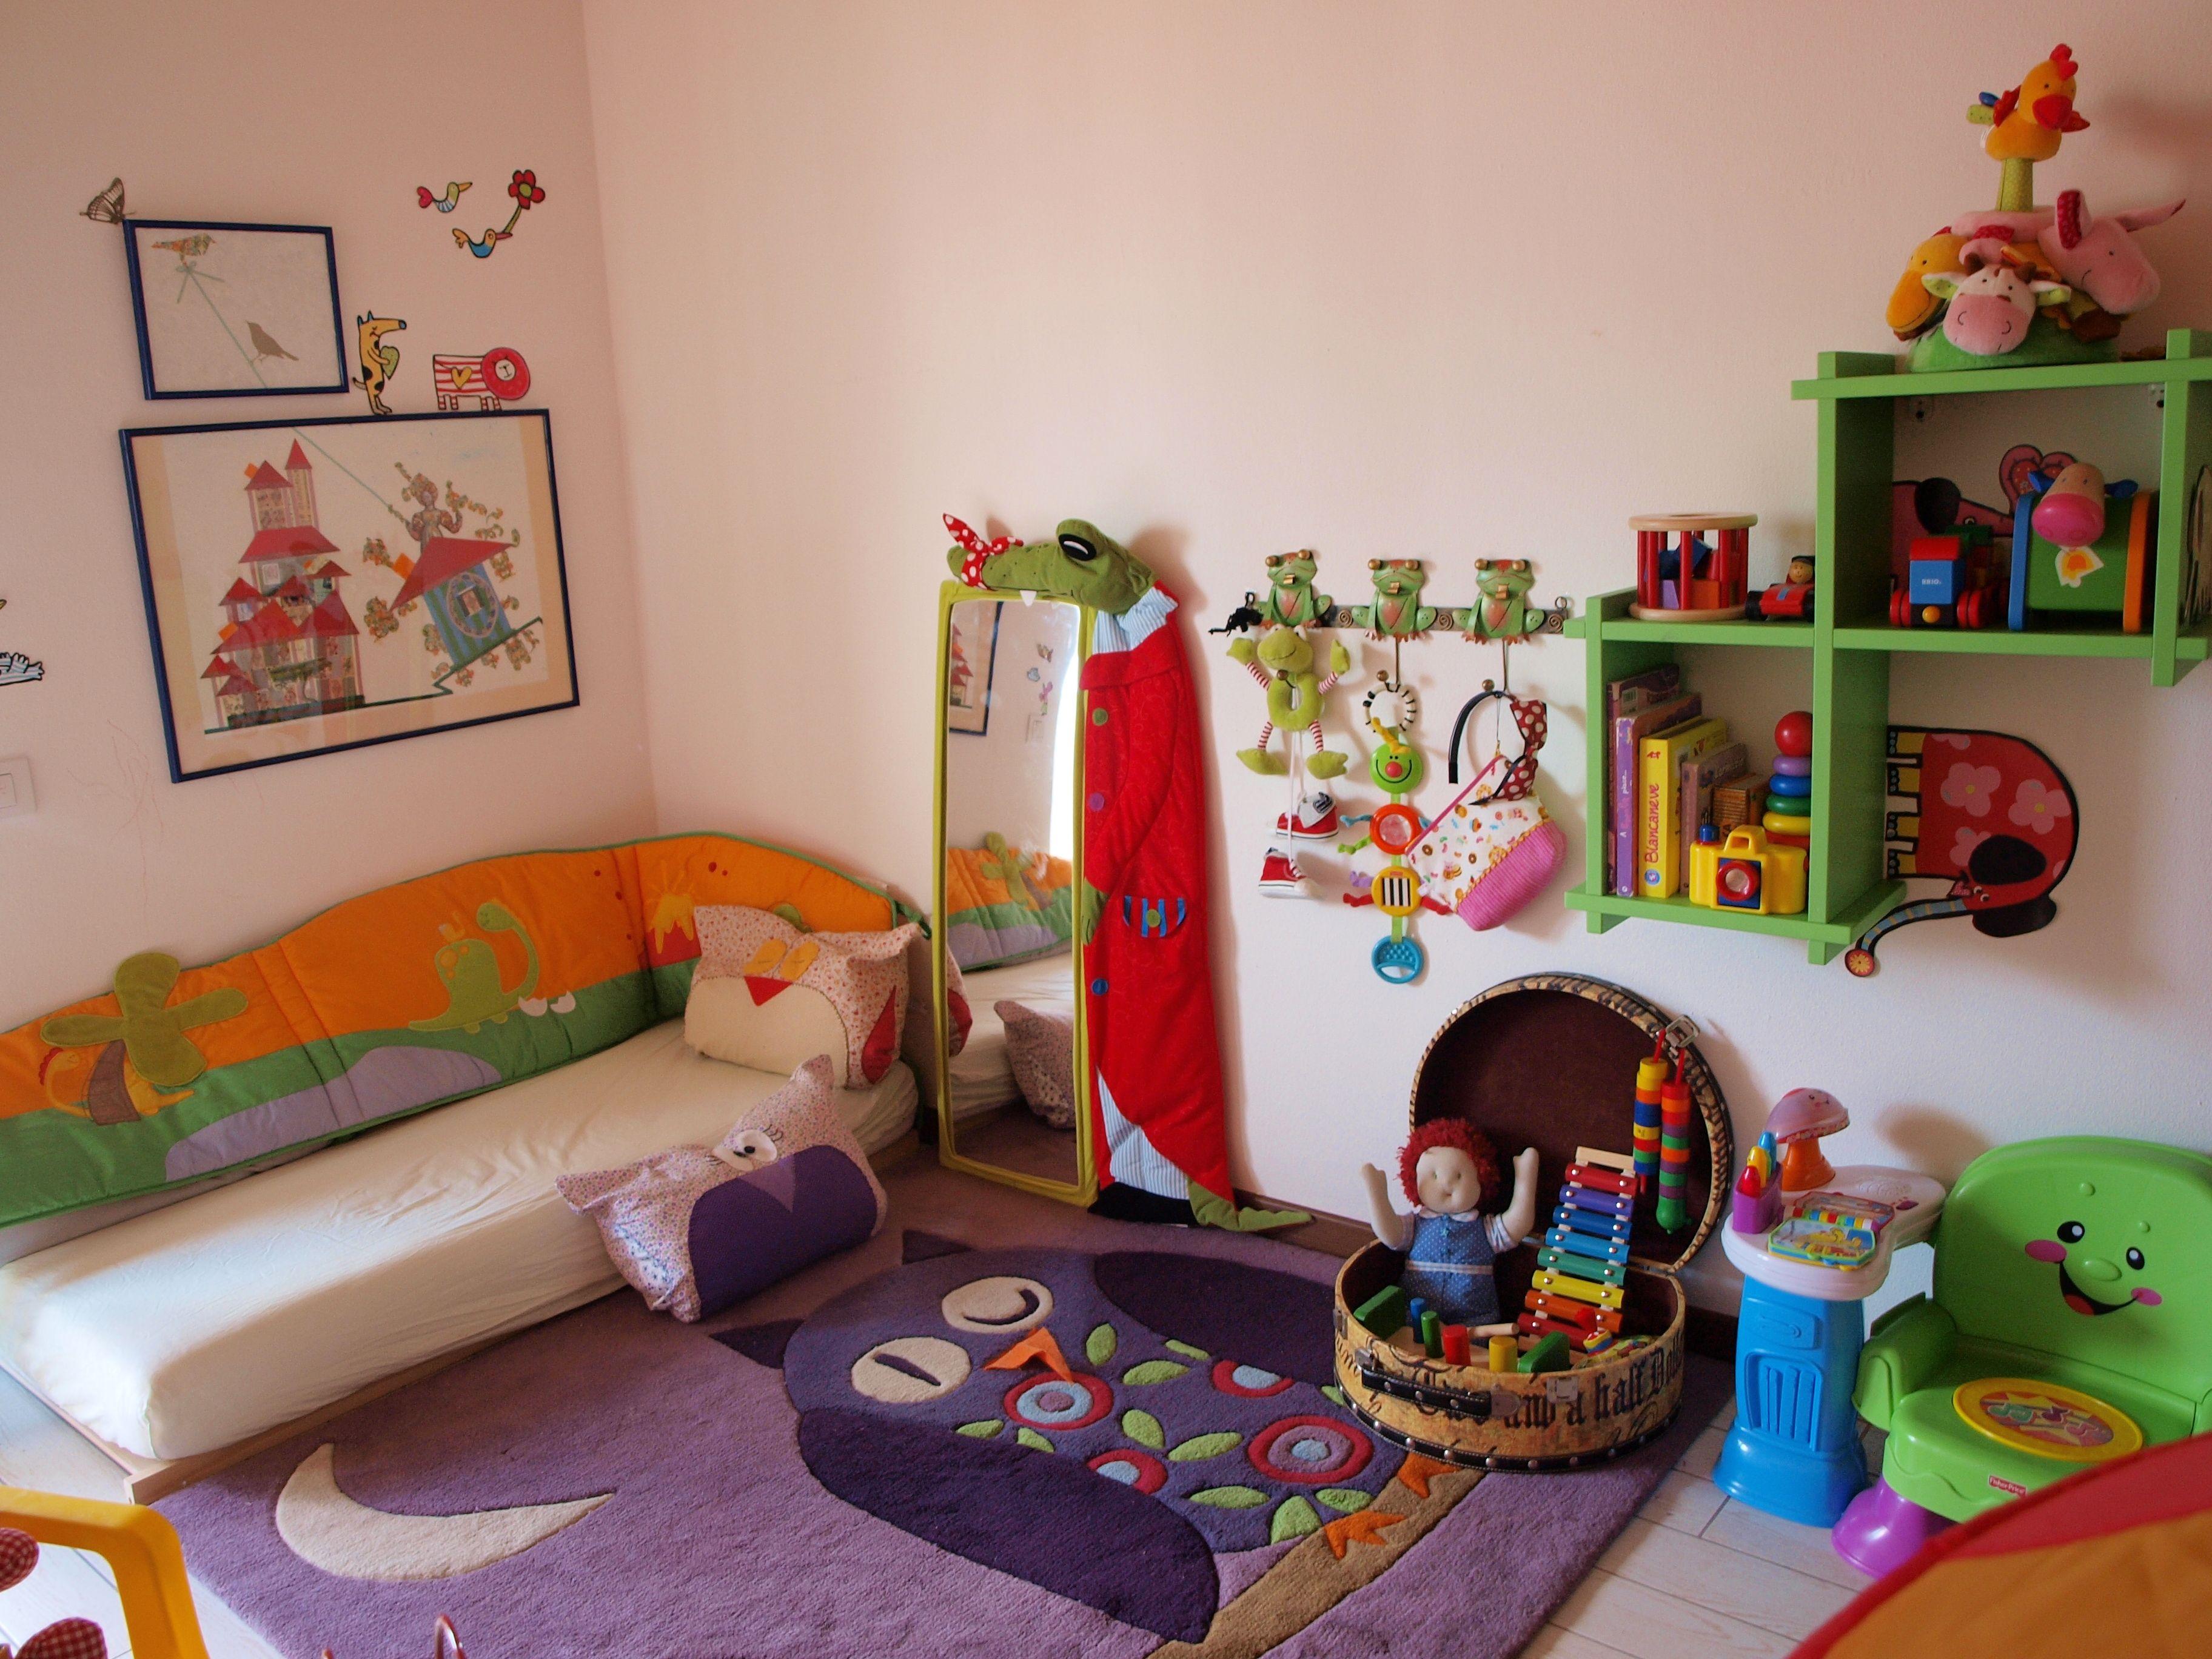 Quarto montessoriano foto joice preira casa - Cuarto infantil nino ...